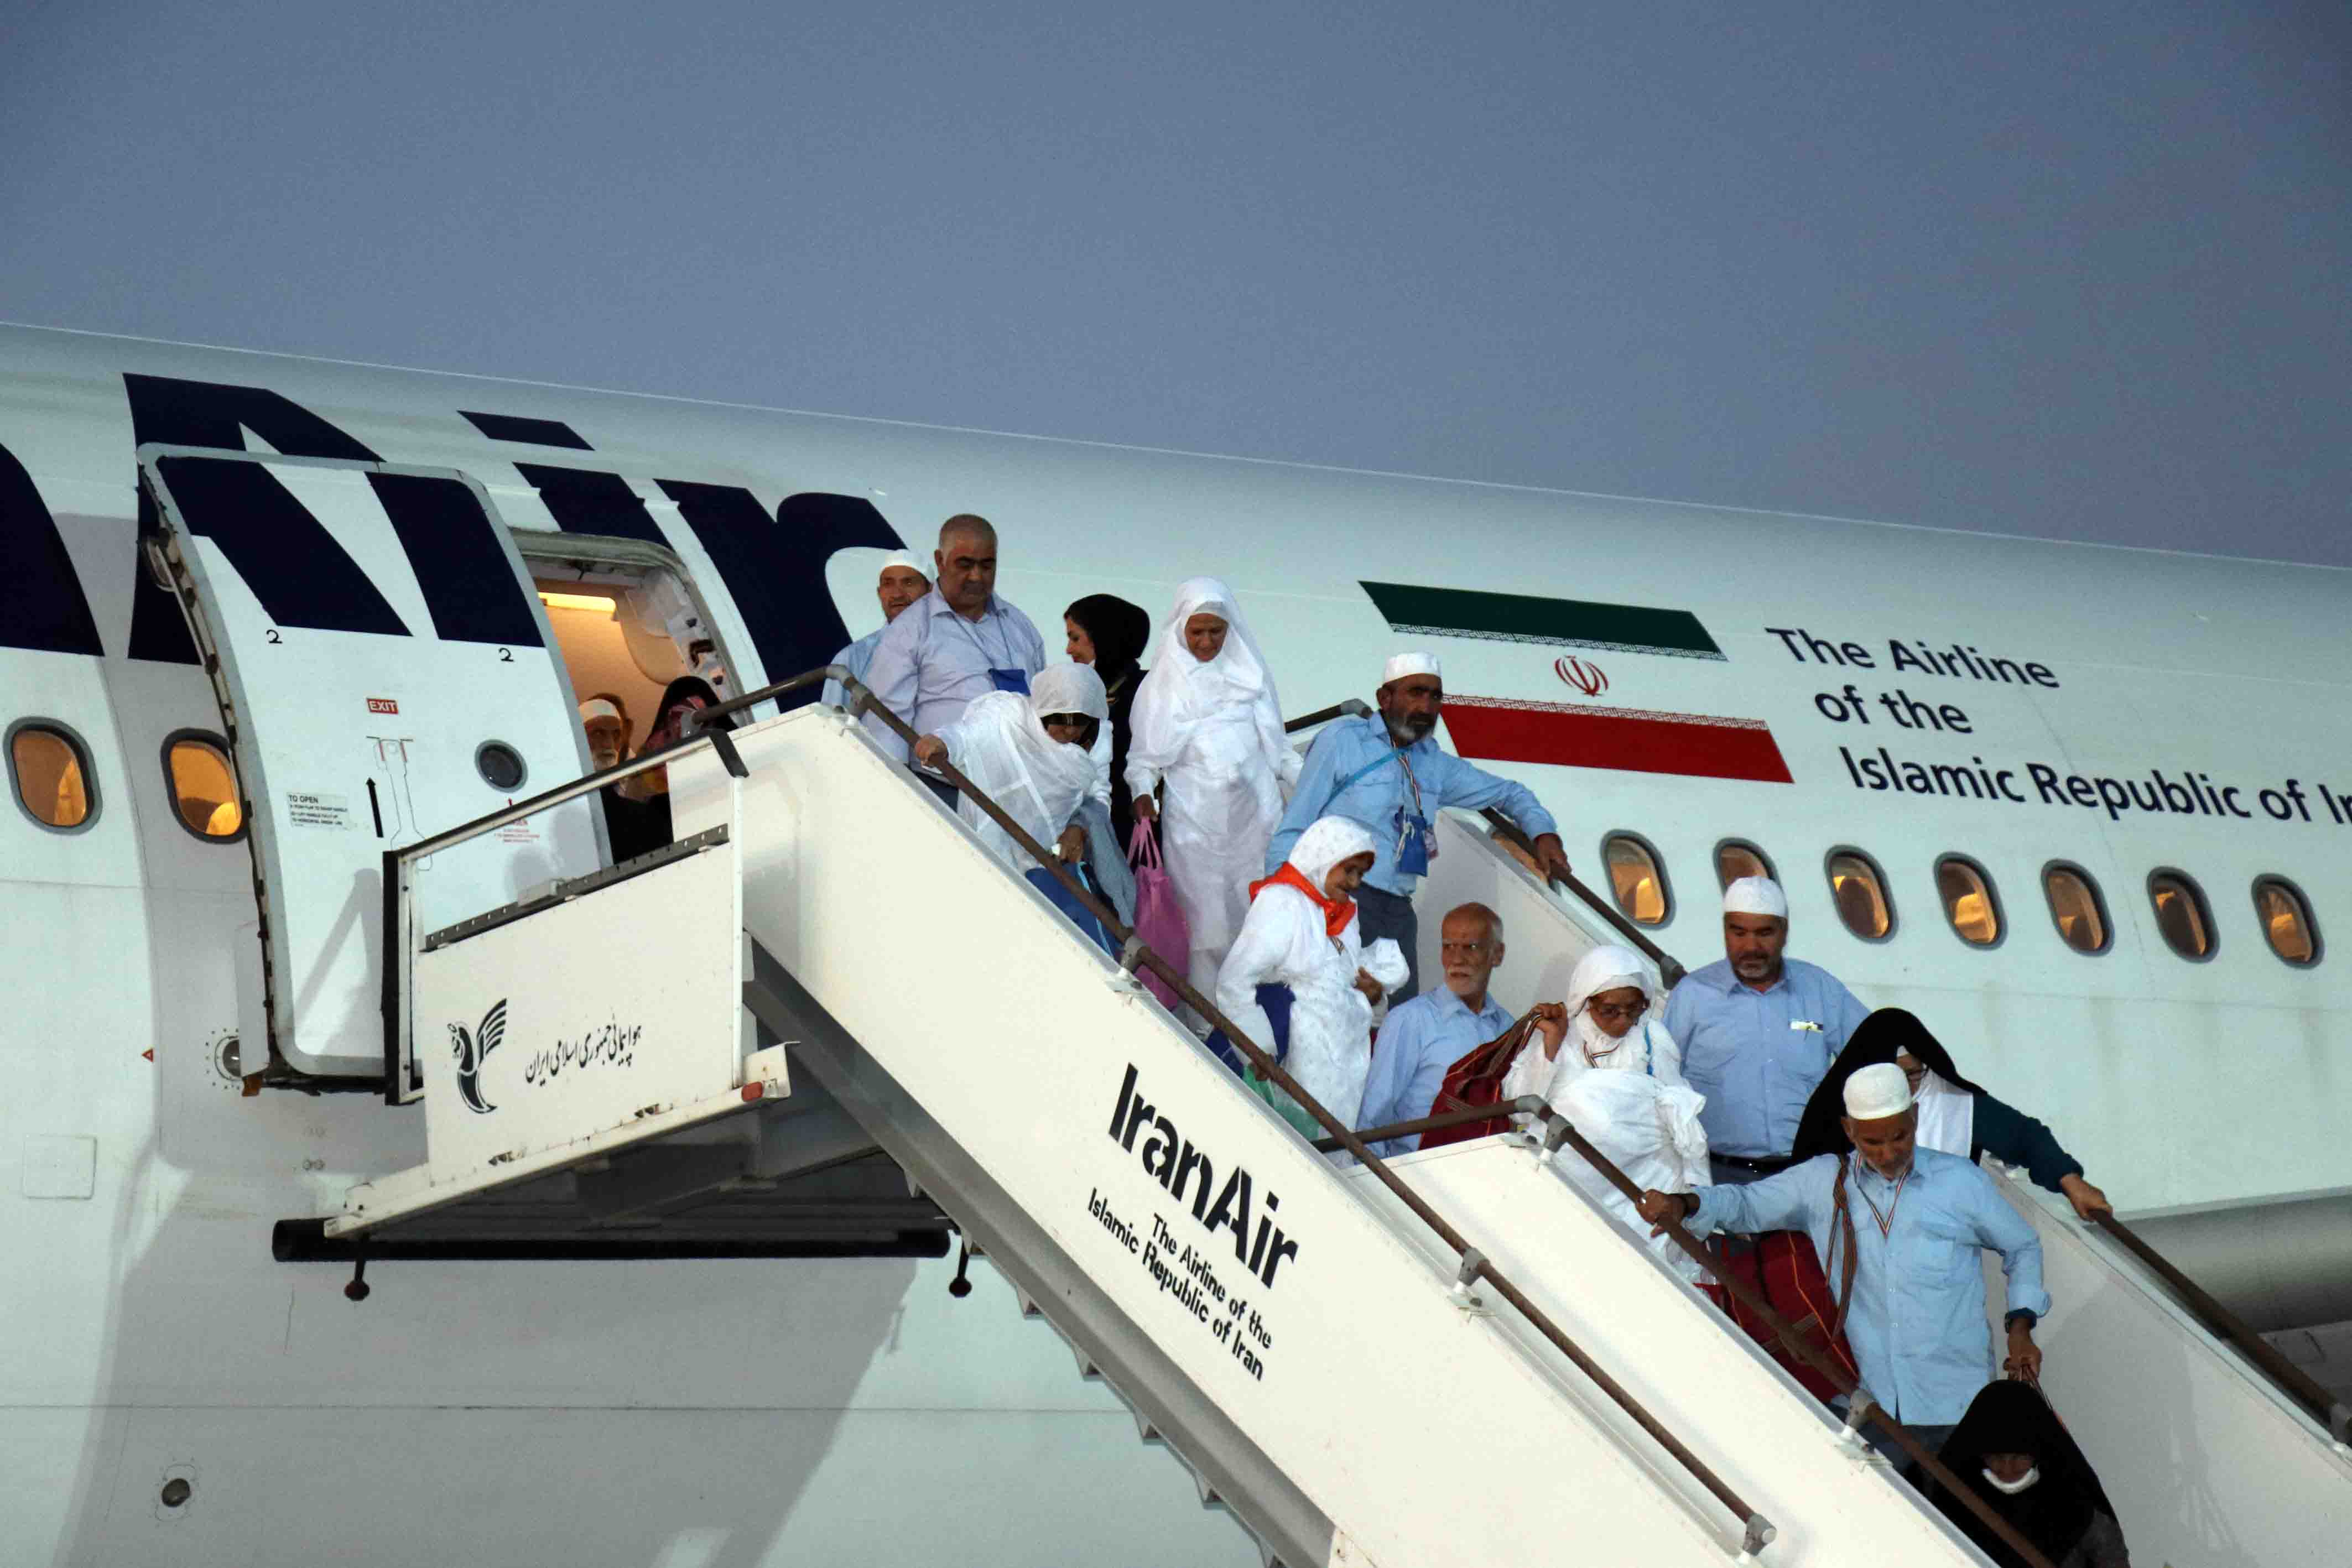 بازگشت ۱۷ هزار حاجی به ایران؛ گزارشی از تاخیر پرواز نداشتیم